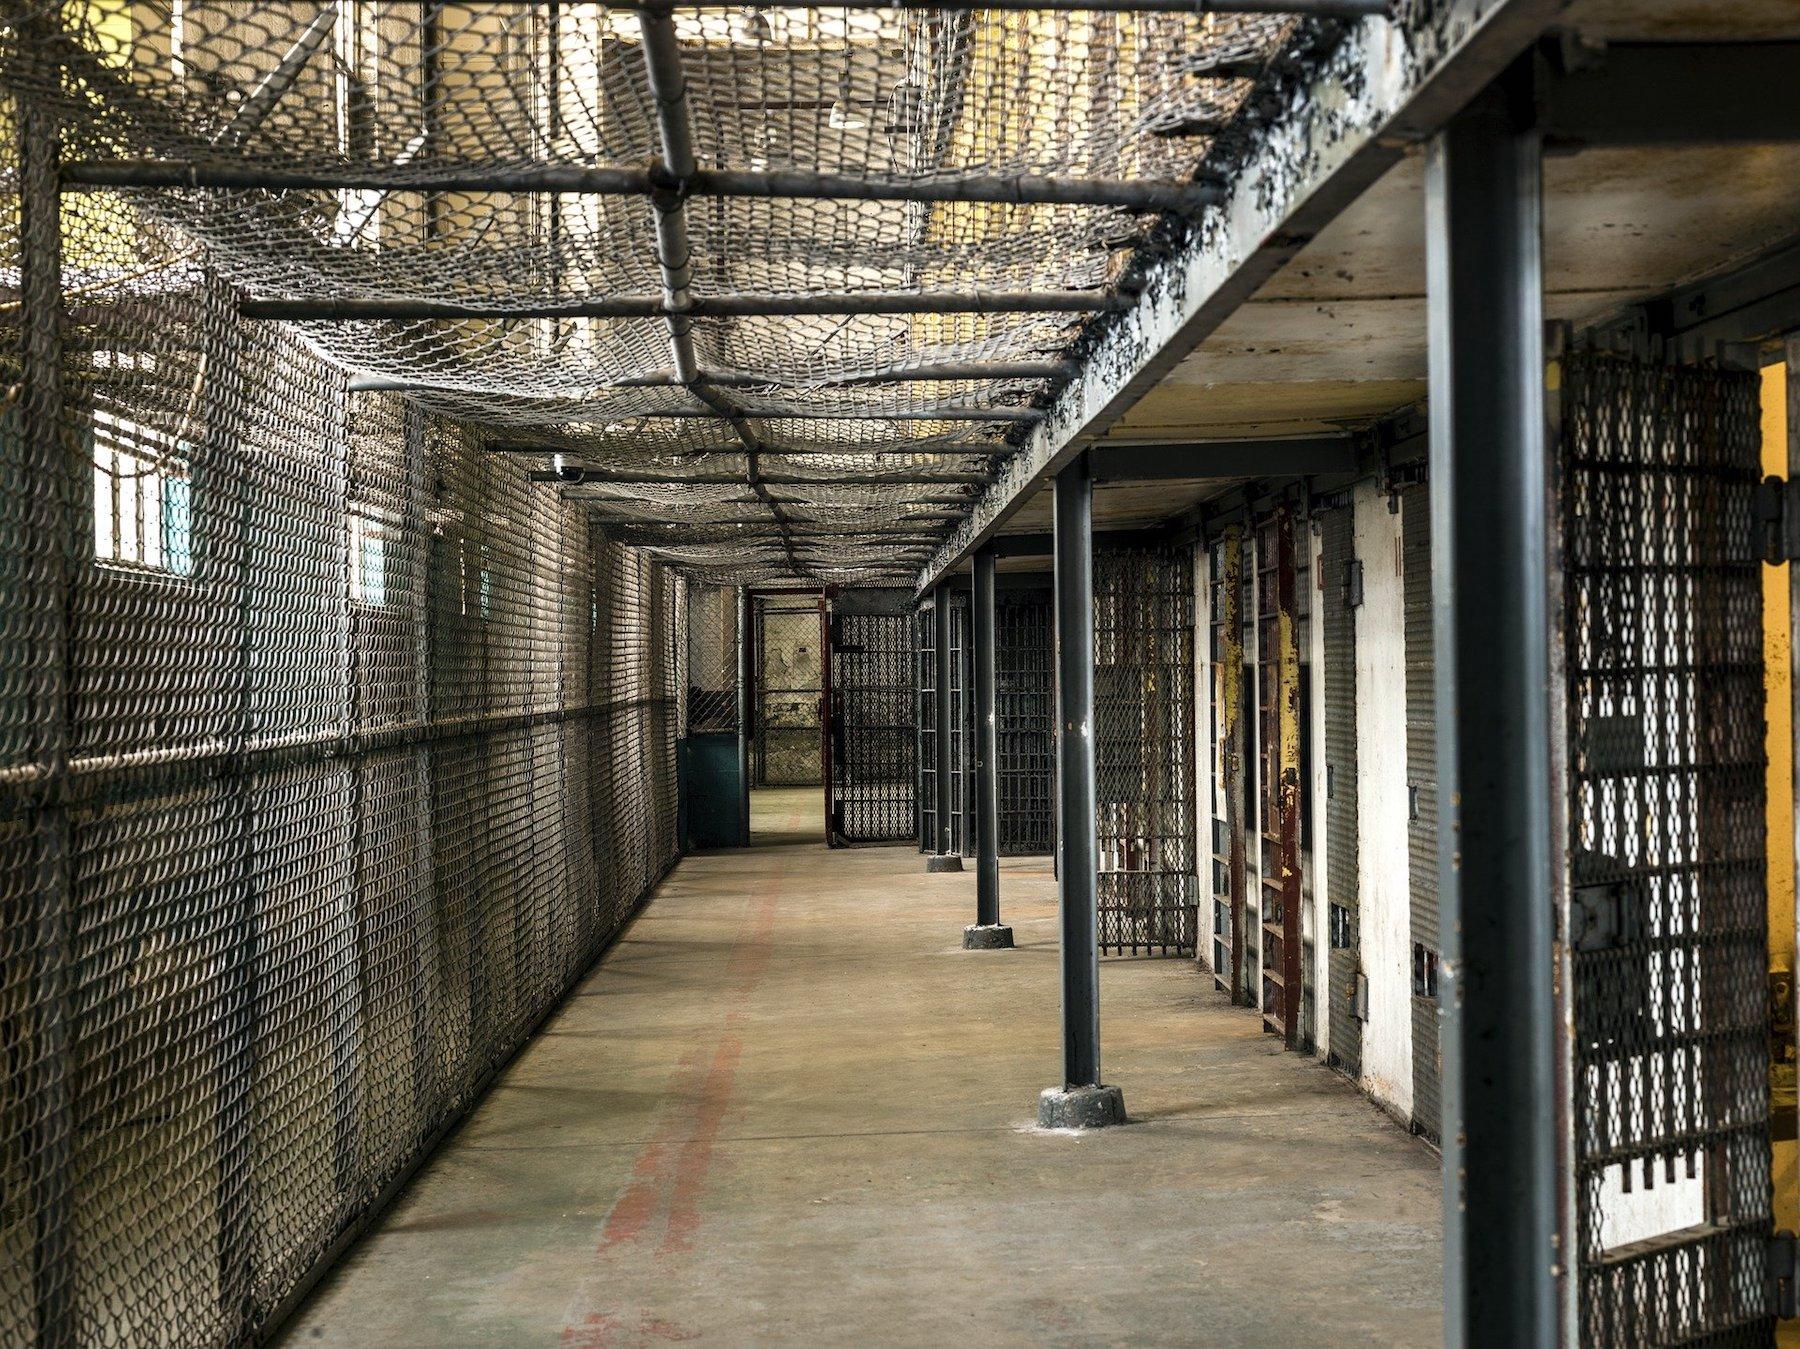 prison-1652896 1920